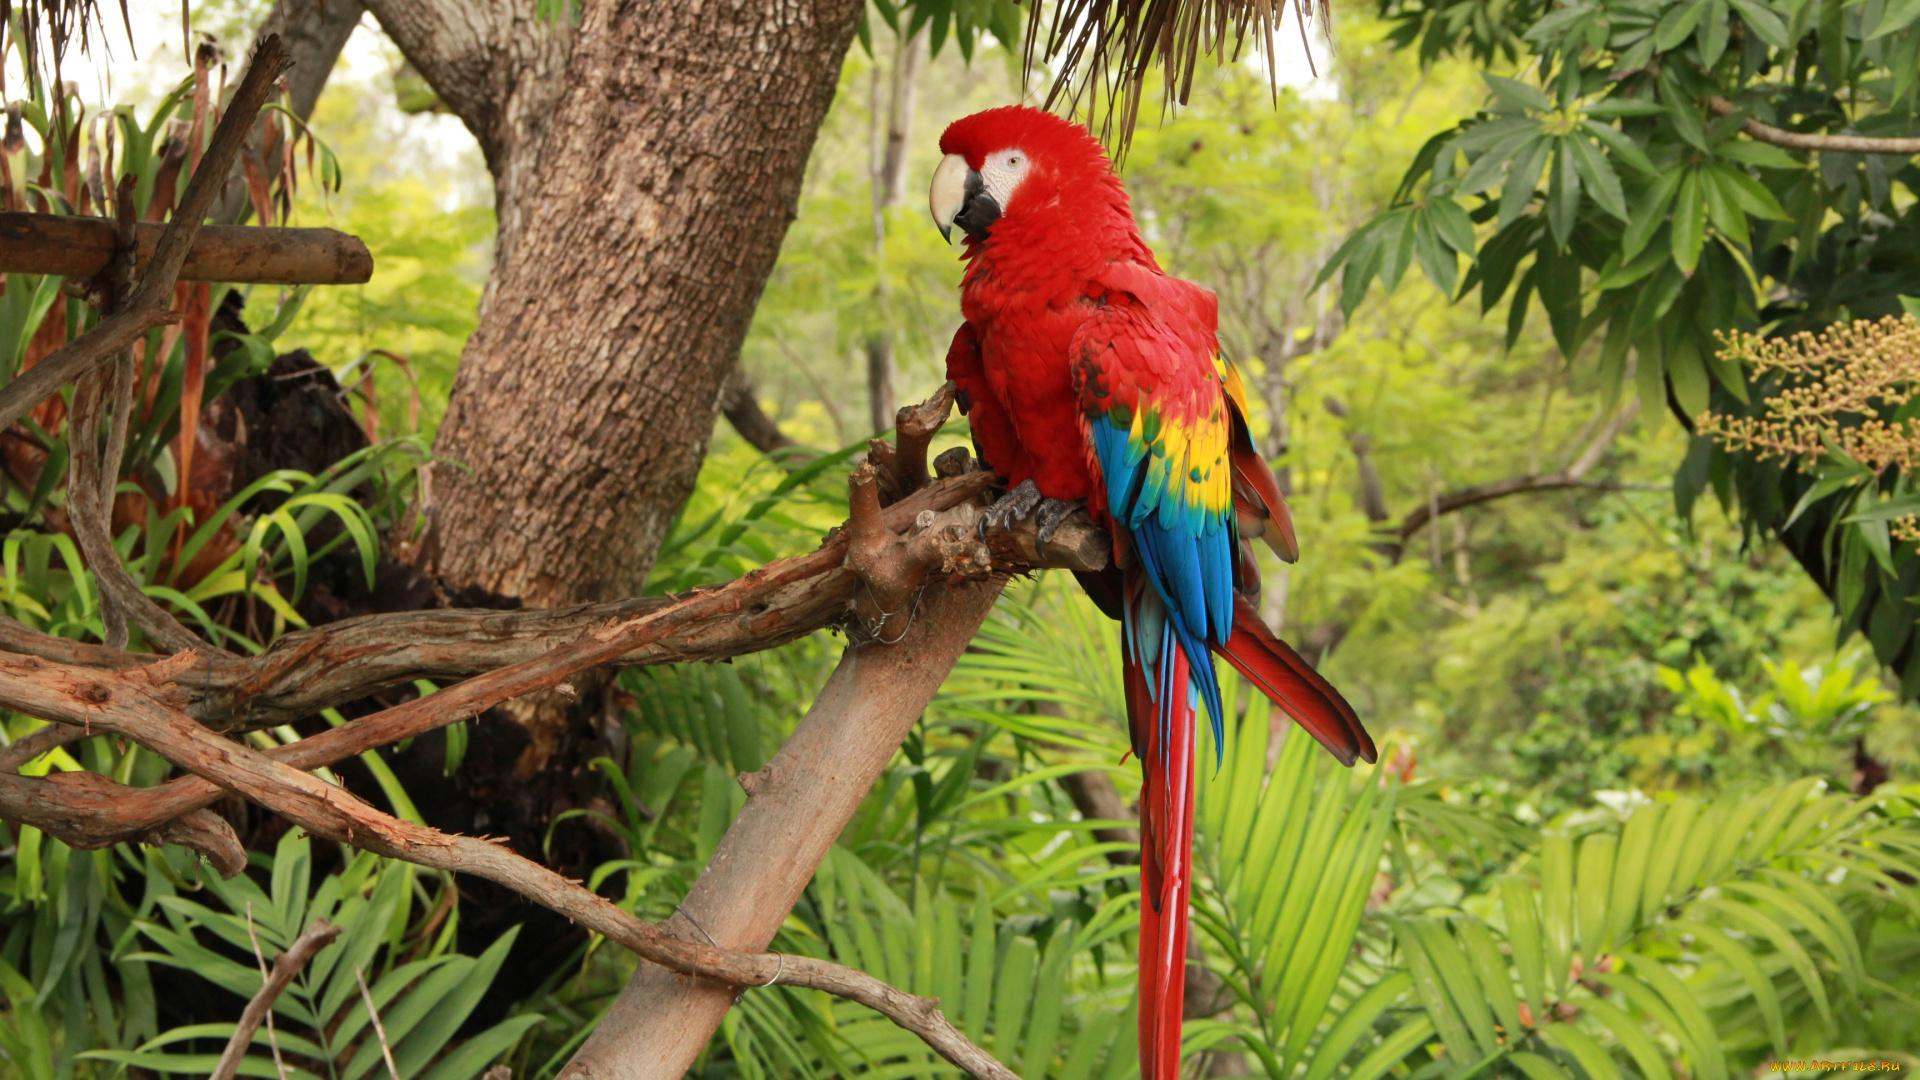 винтовка тропические животные фото совершенно разных